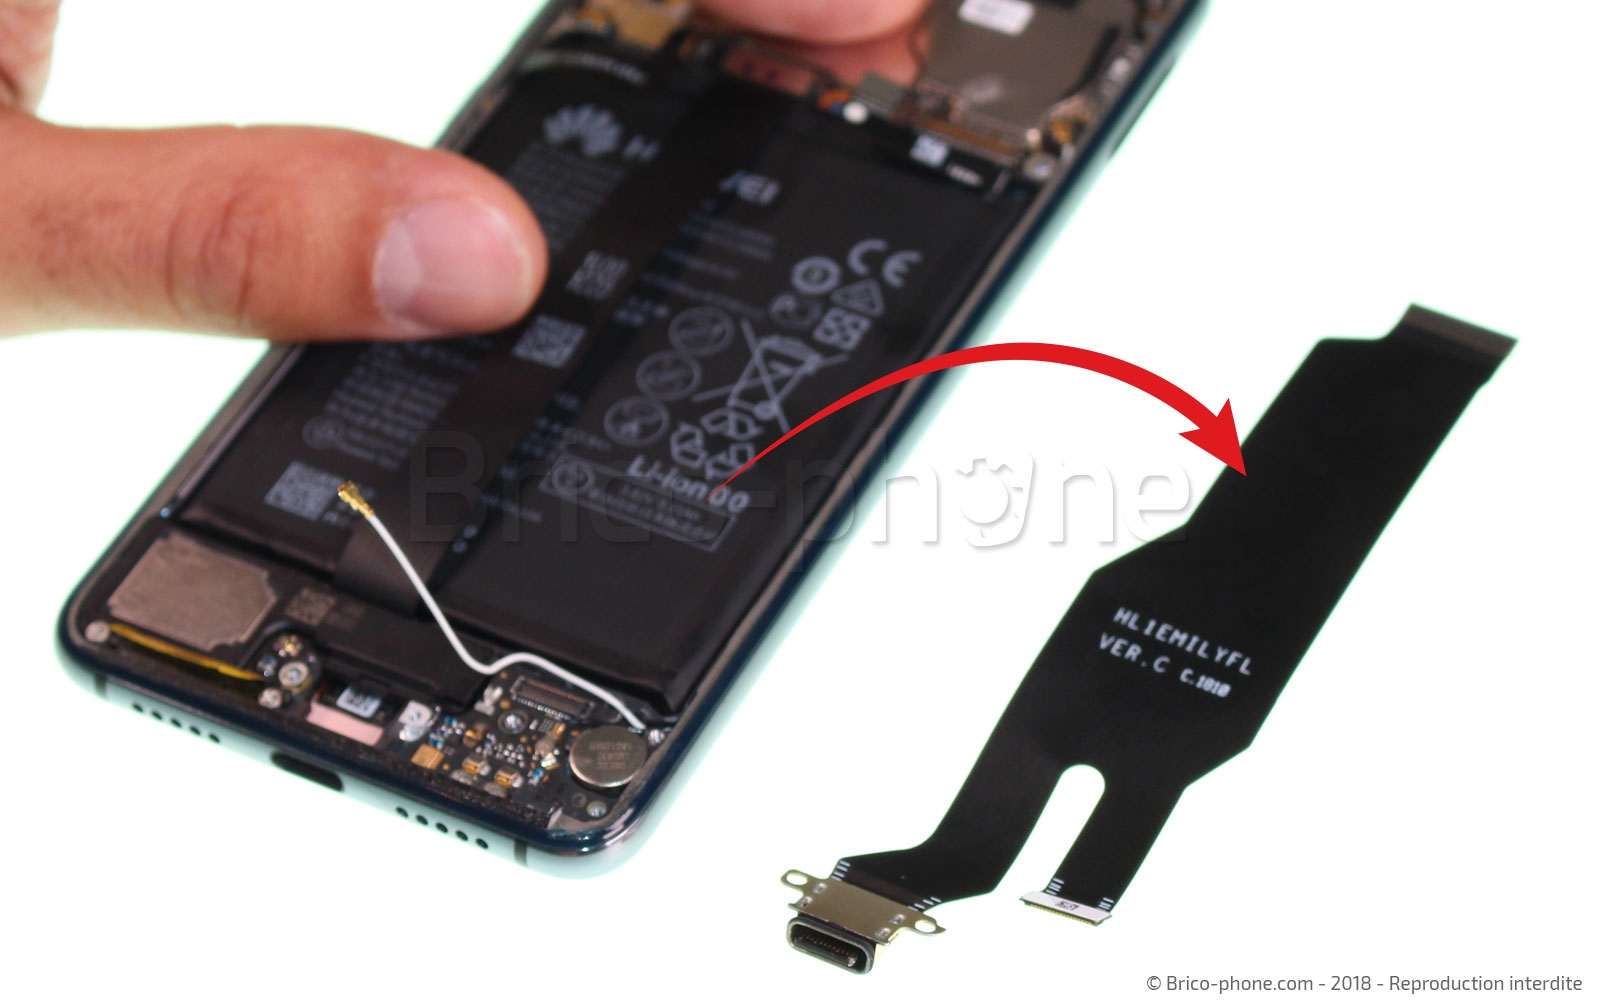 Etape 8 : Retirer la nappe USB / interconnexion